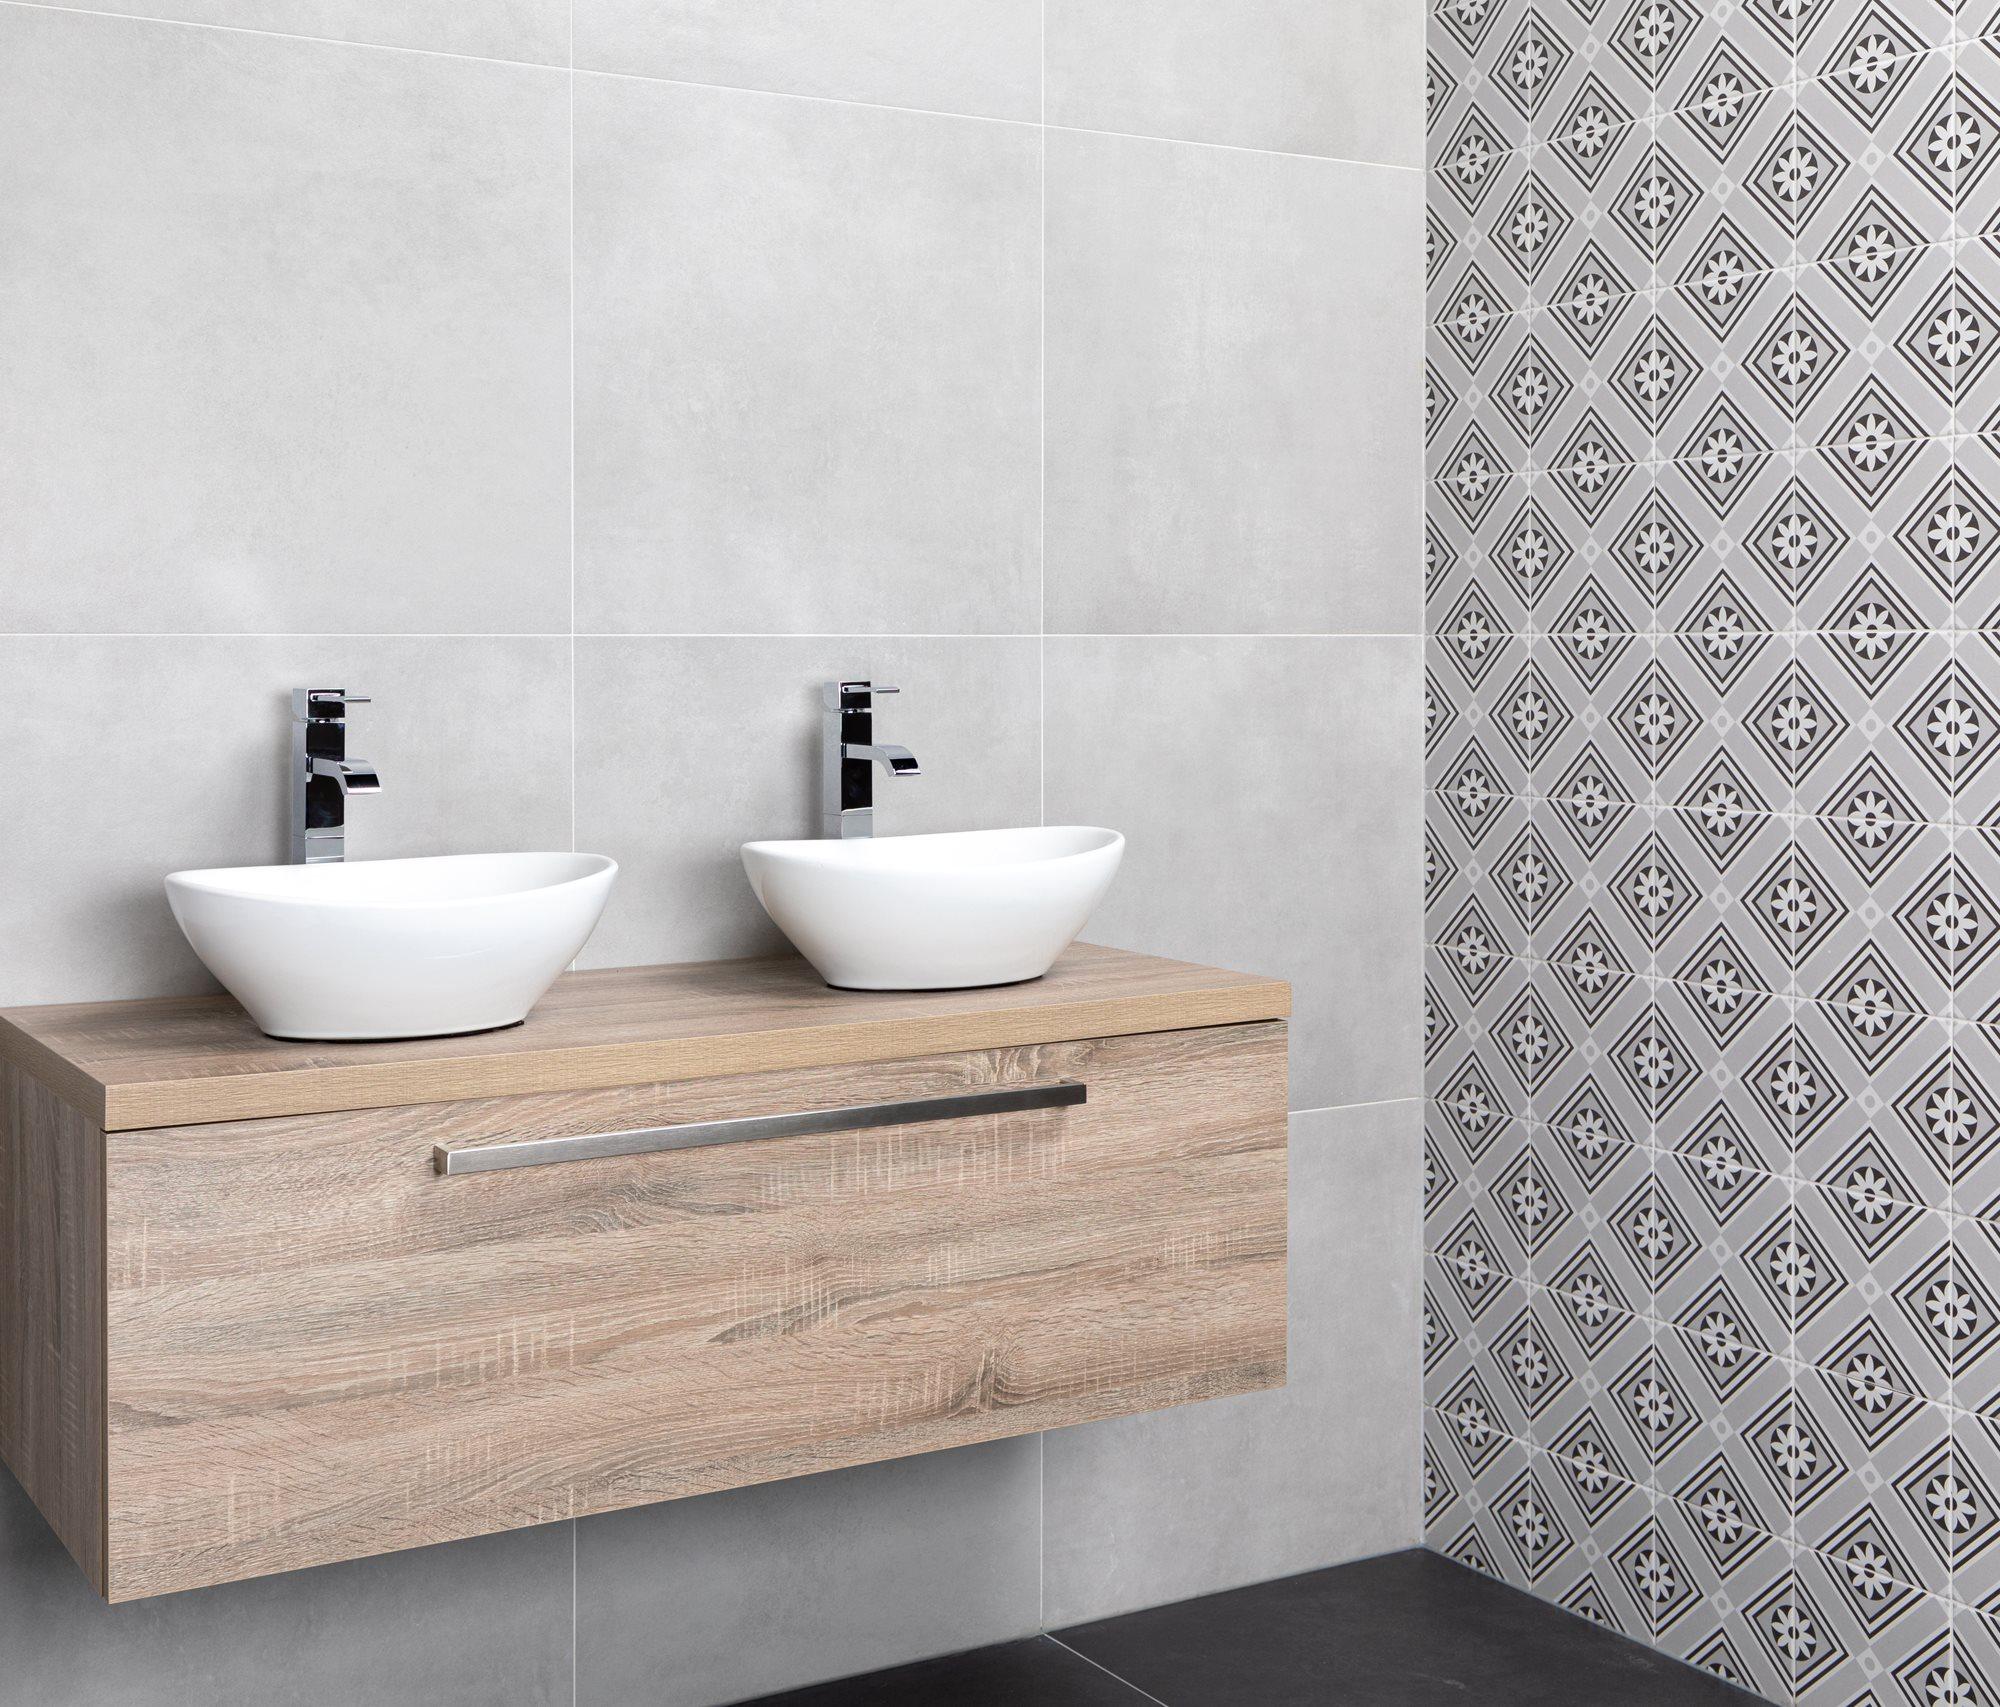 eiken-badkamermeubel-witte-waskommen (1).jpg